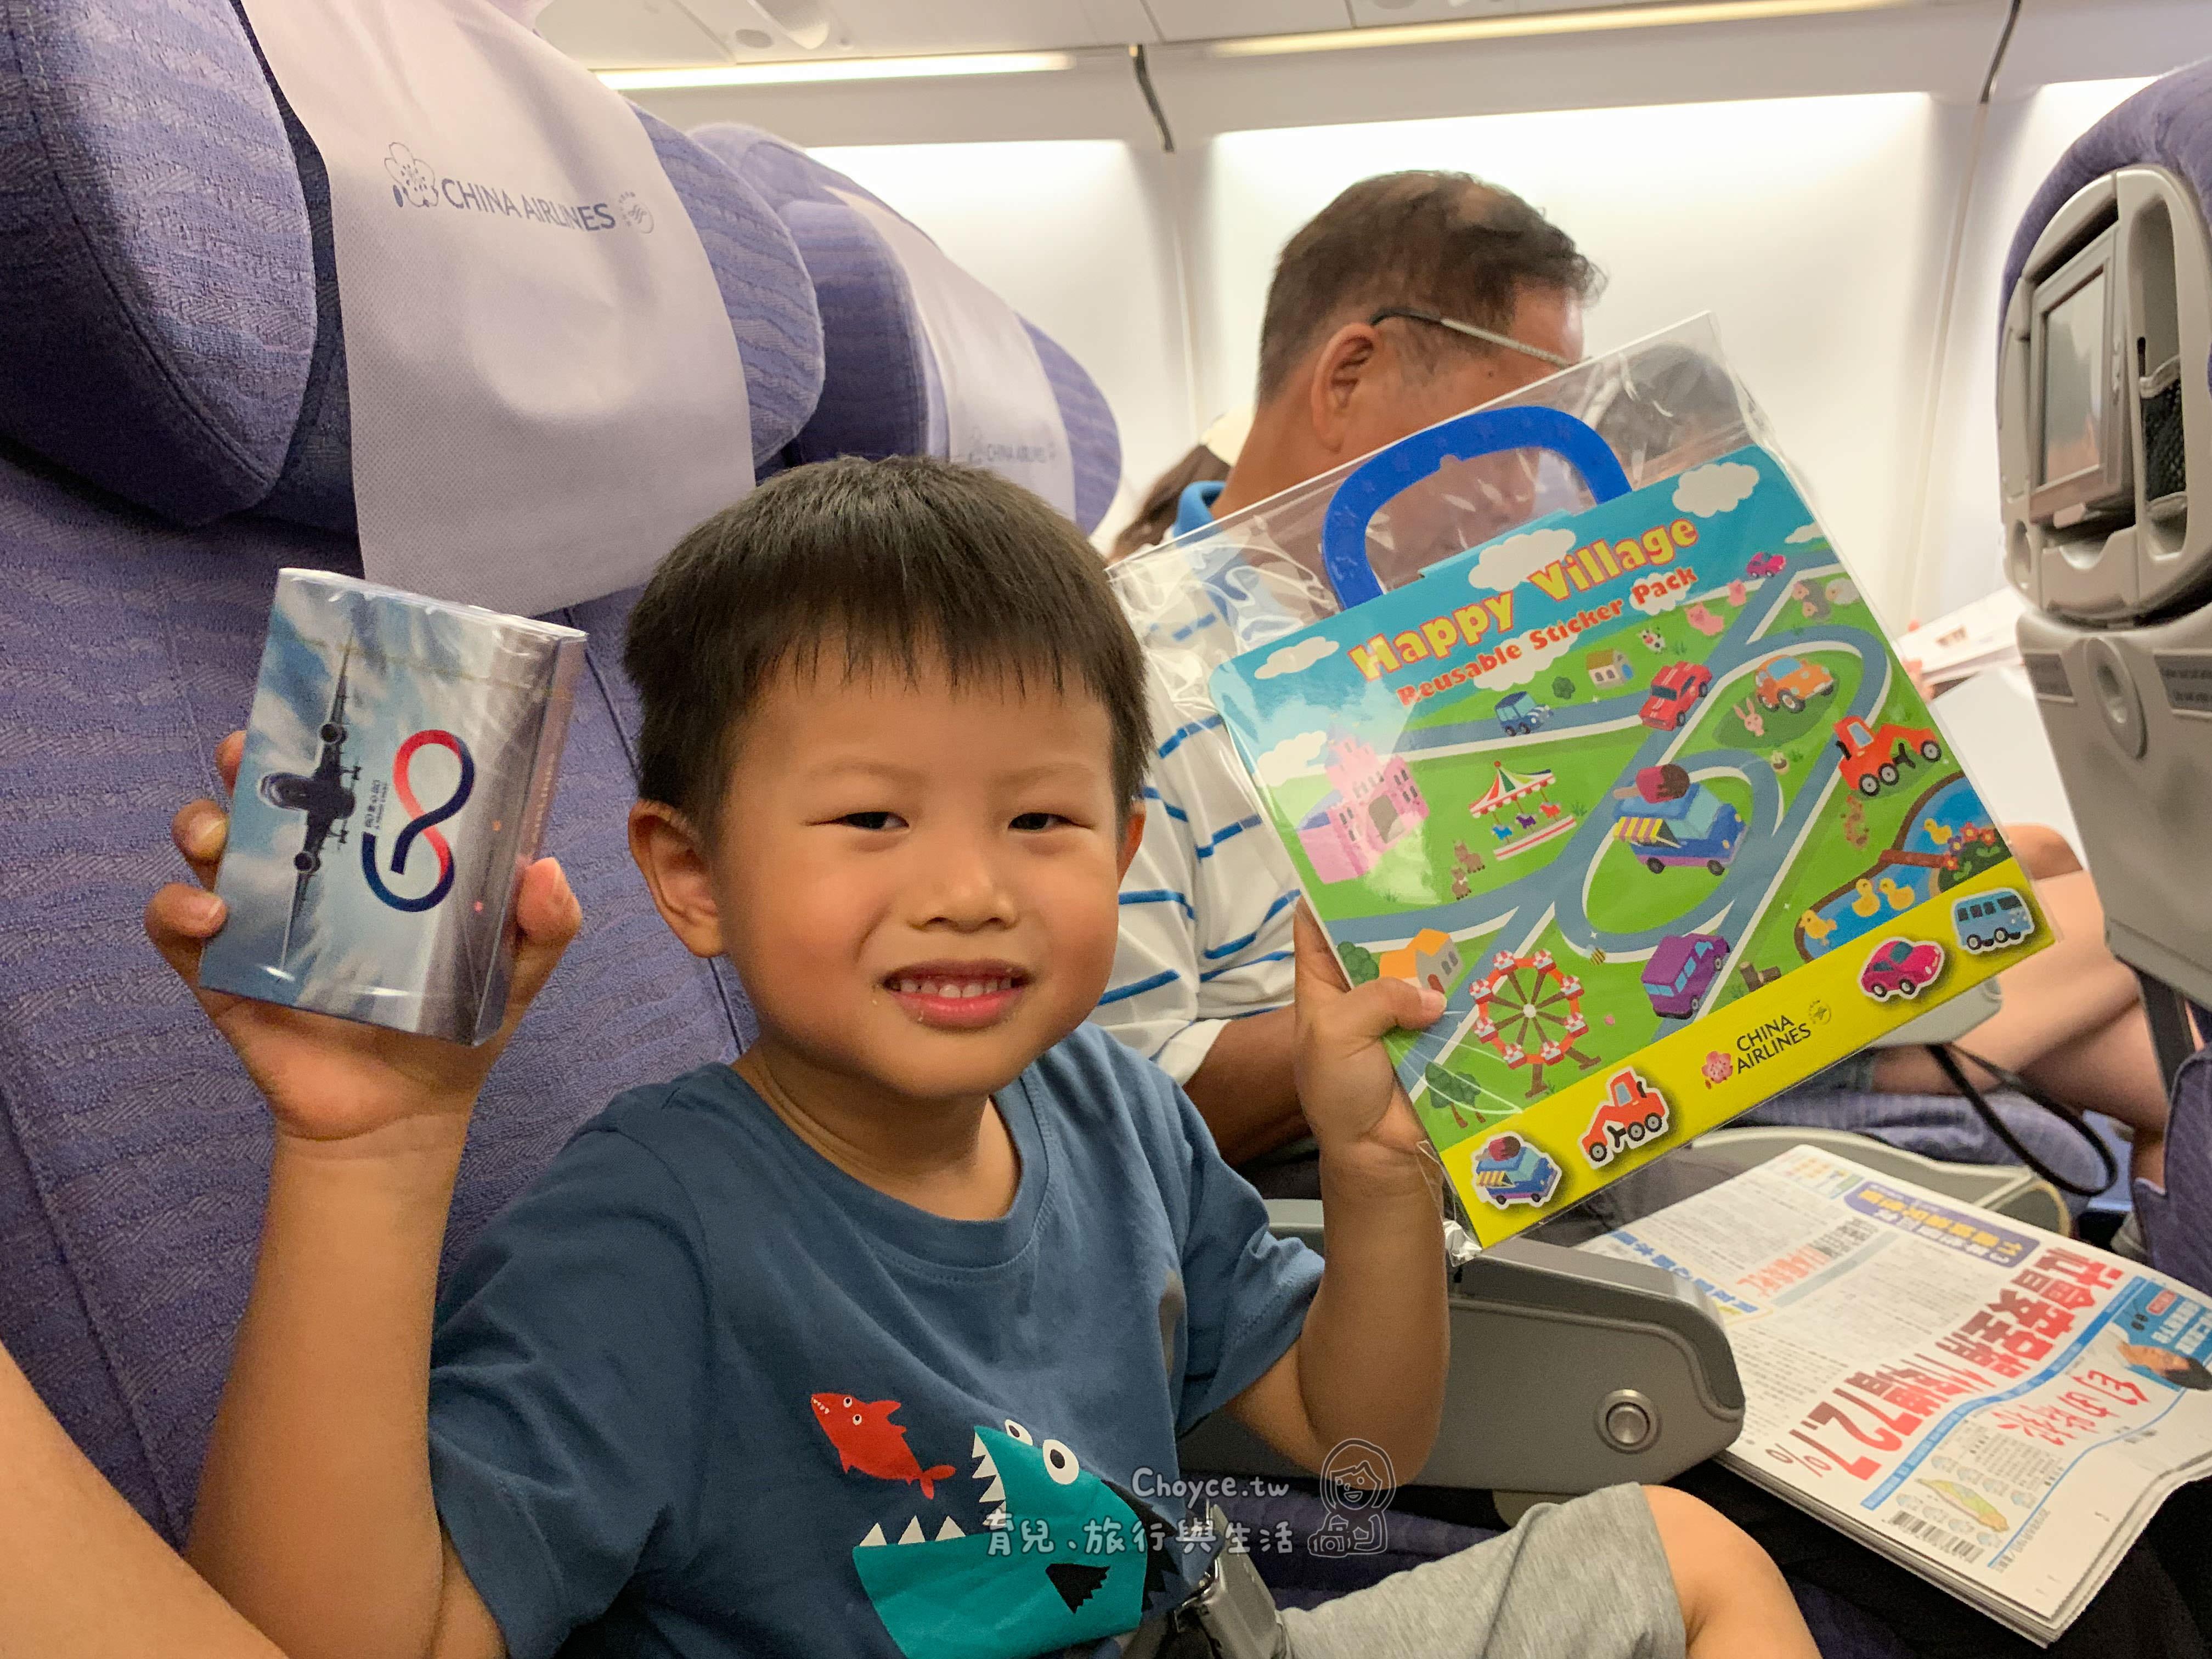 首爾|親子自助行 仁川機場直達首爾站AREX機場快線 事先買好交通票券 出示電子憑證掃描QR Code 兌換實體車票